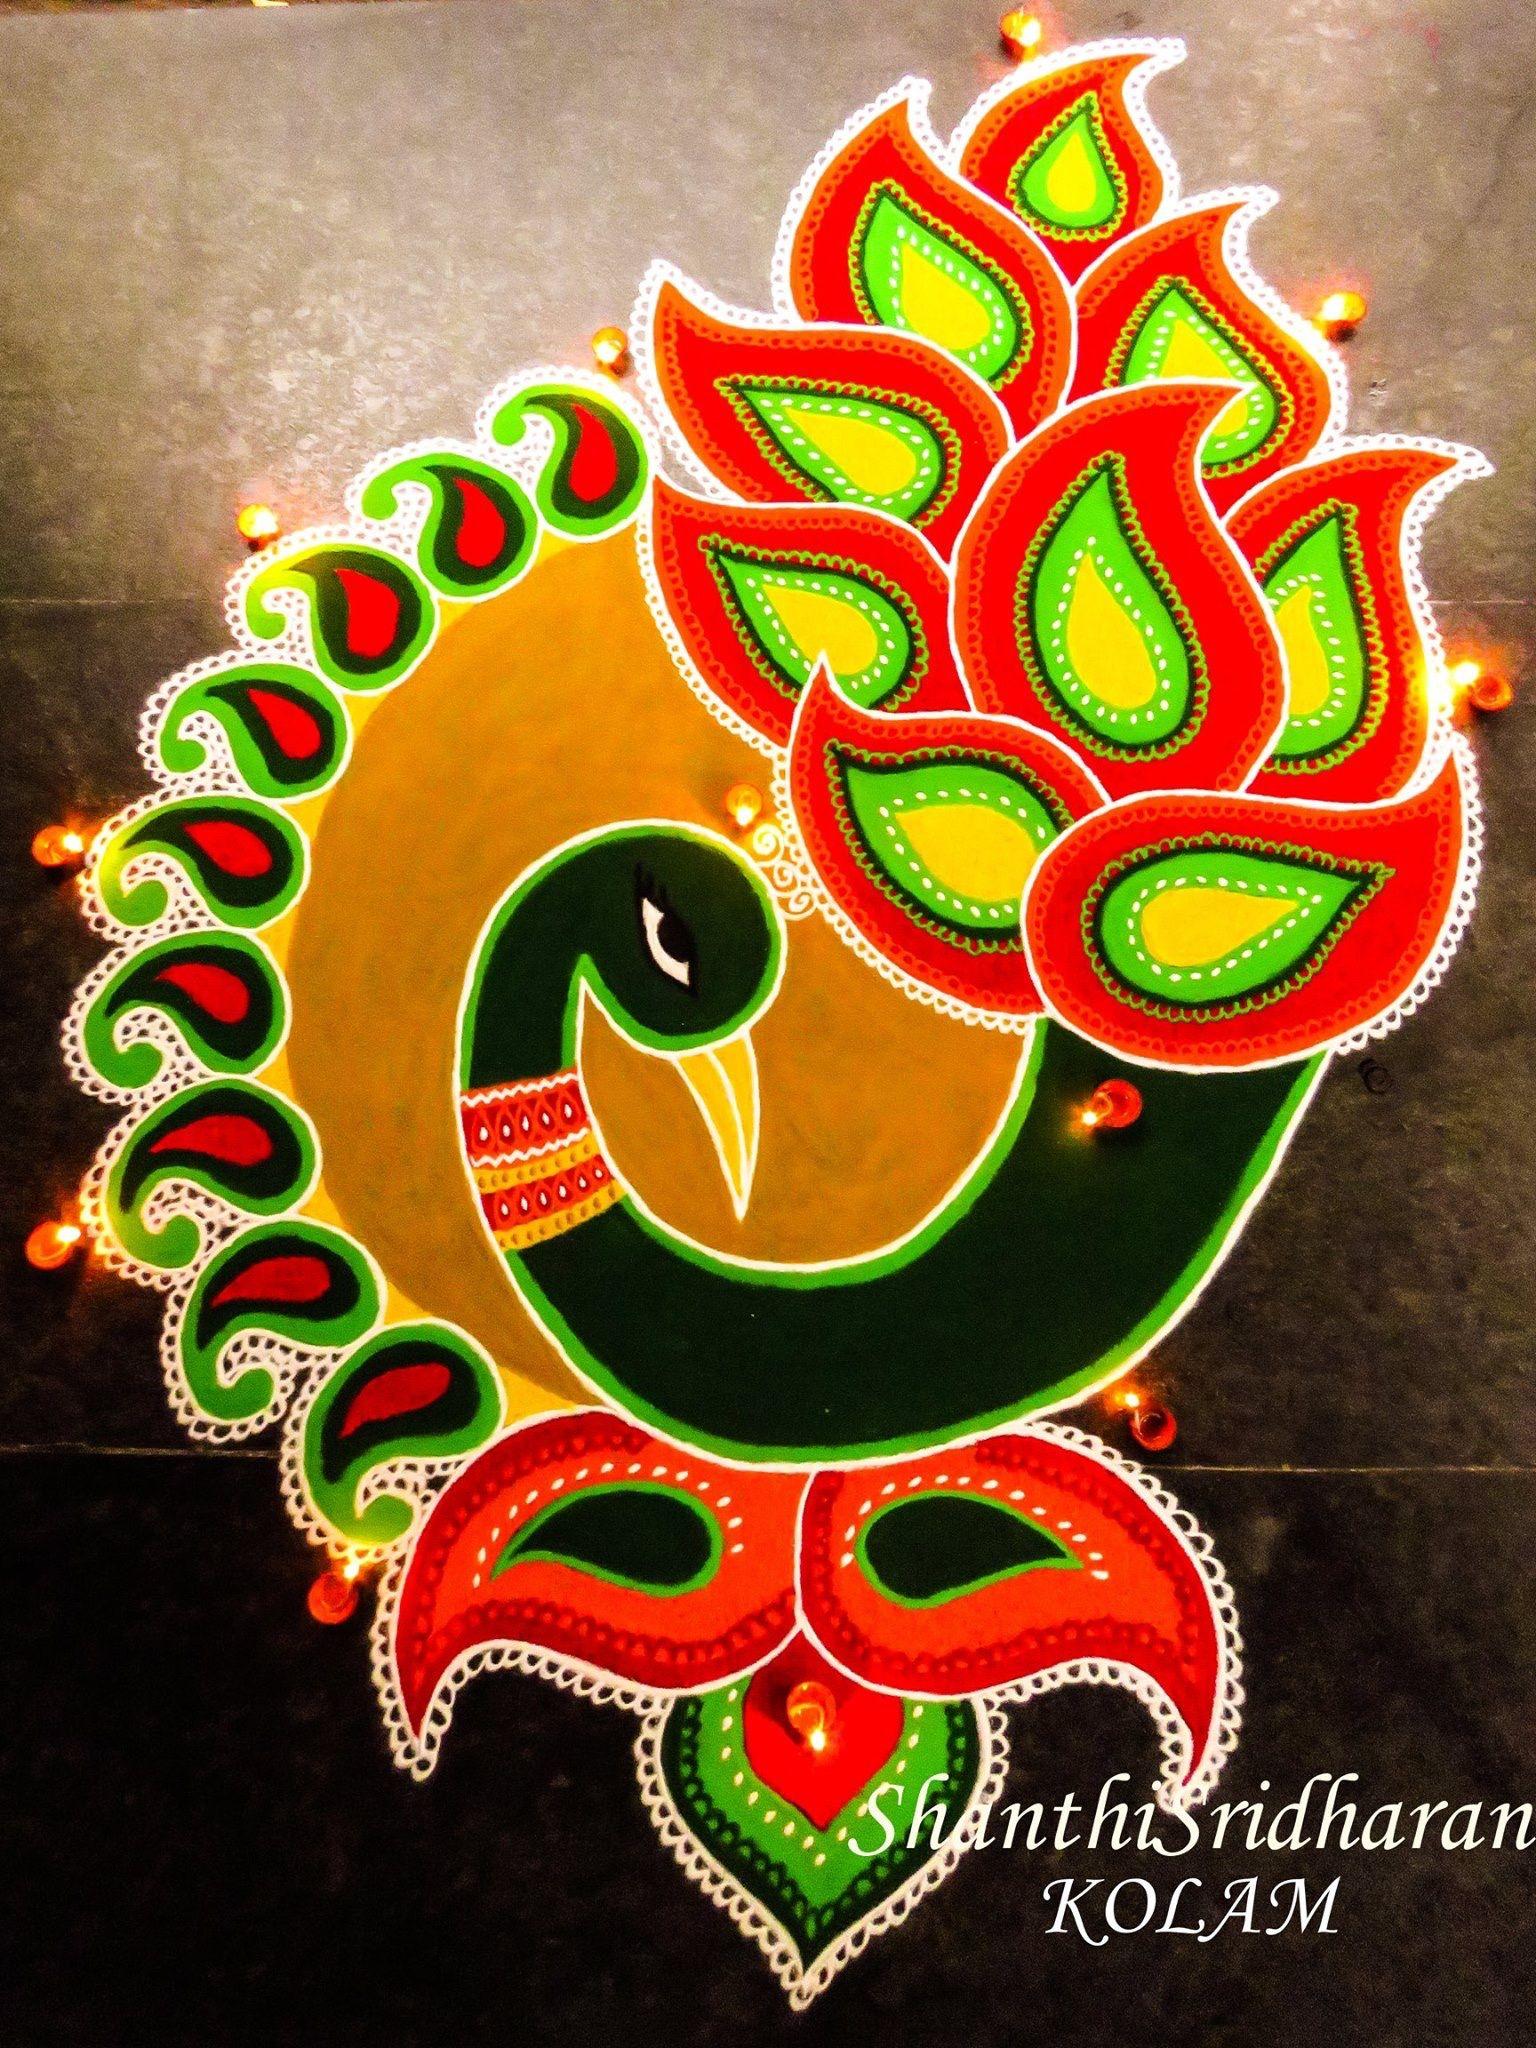 Rangoli Rangoli designs, Colorful rangoli designs